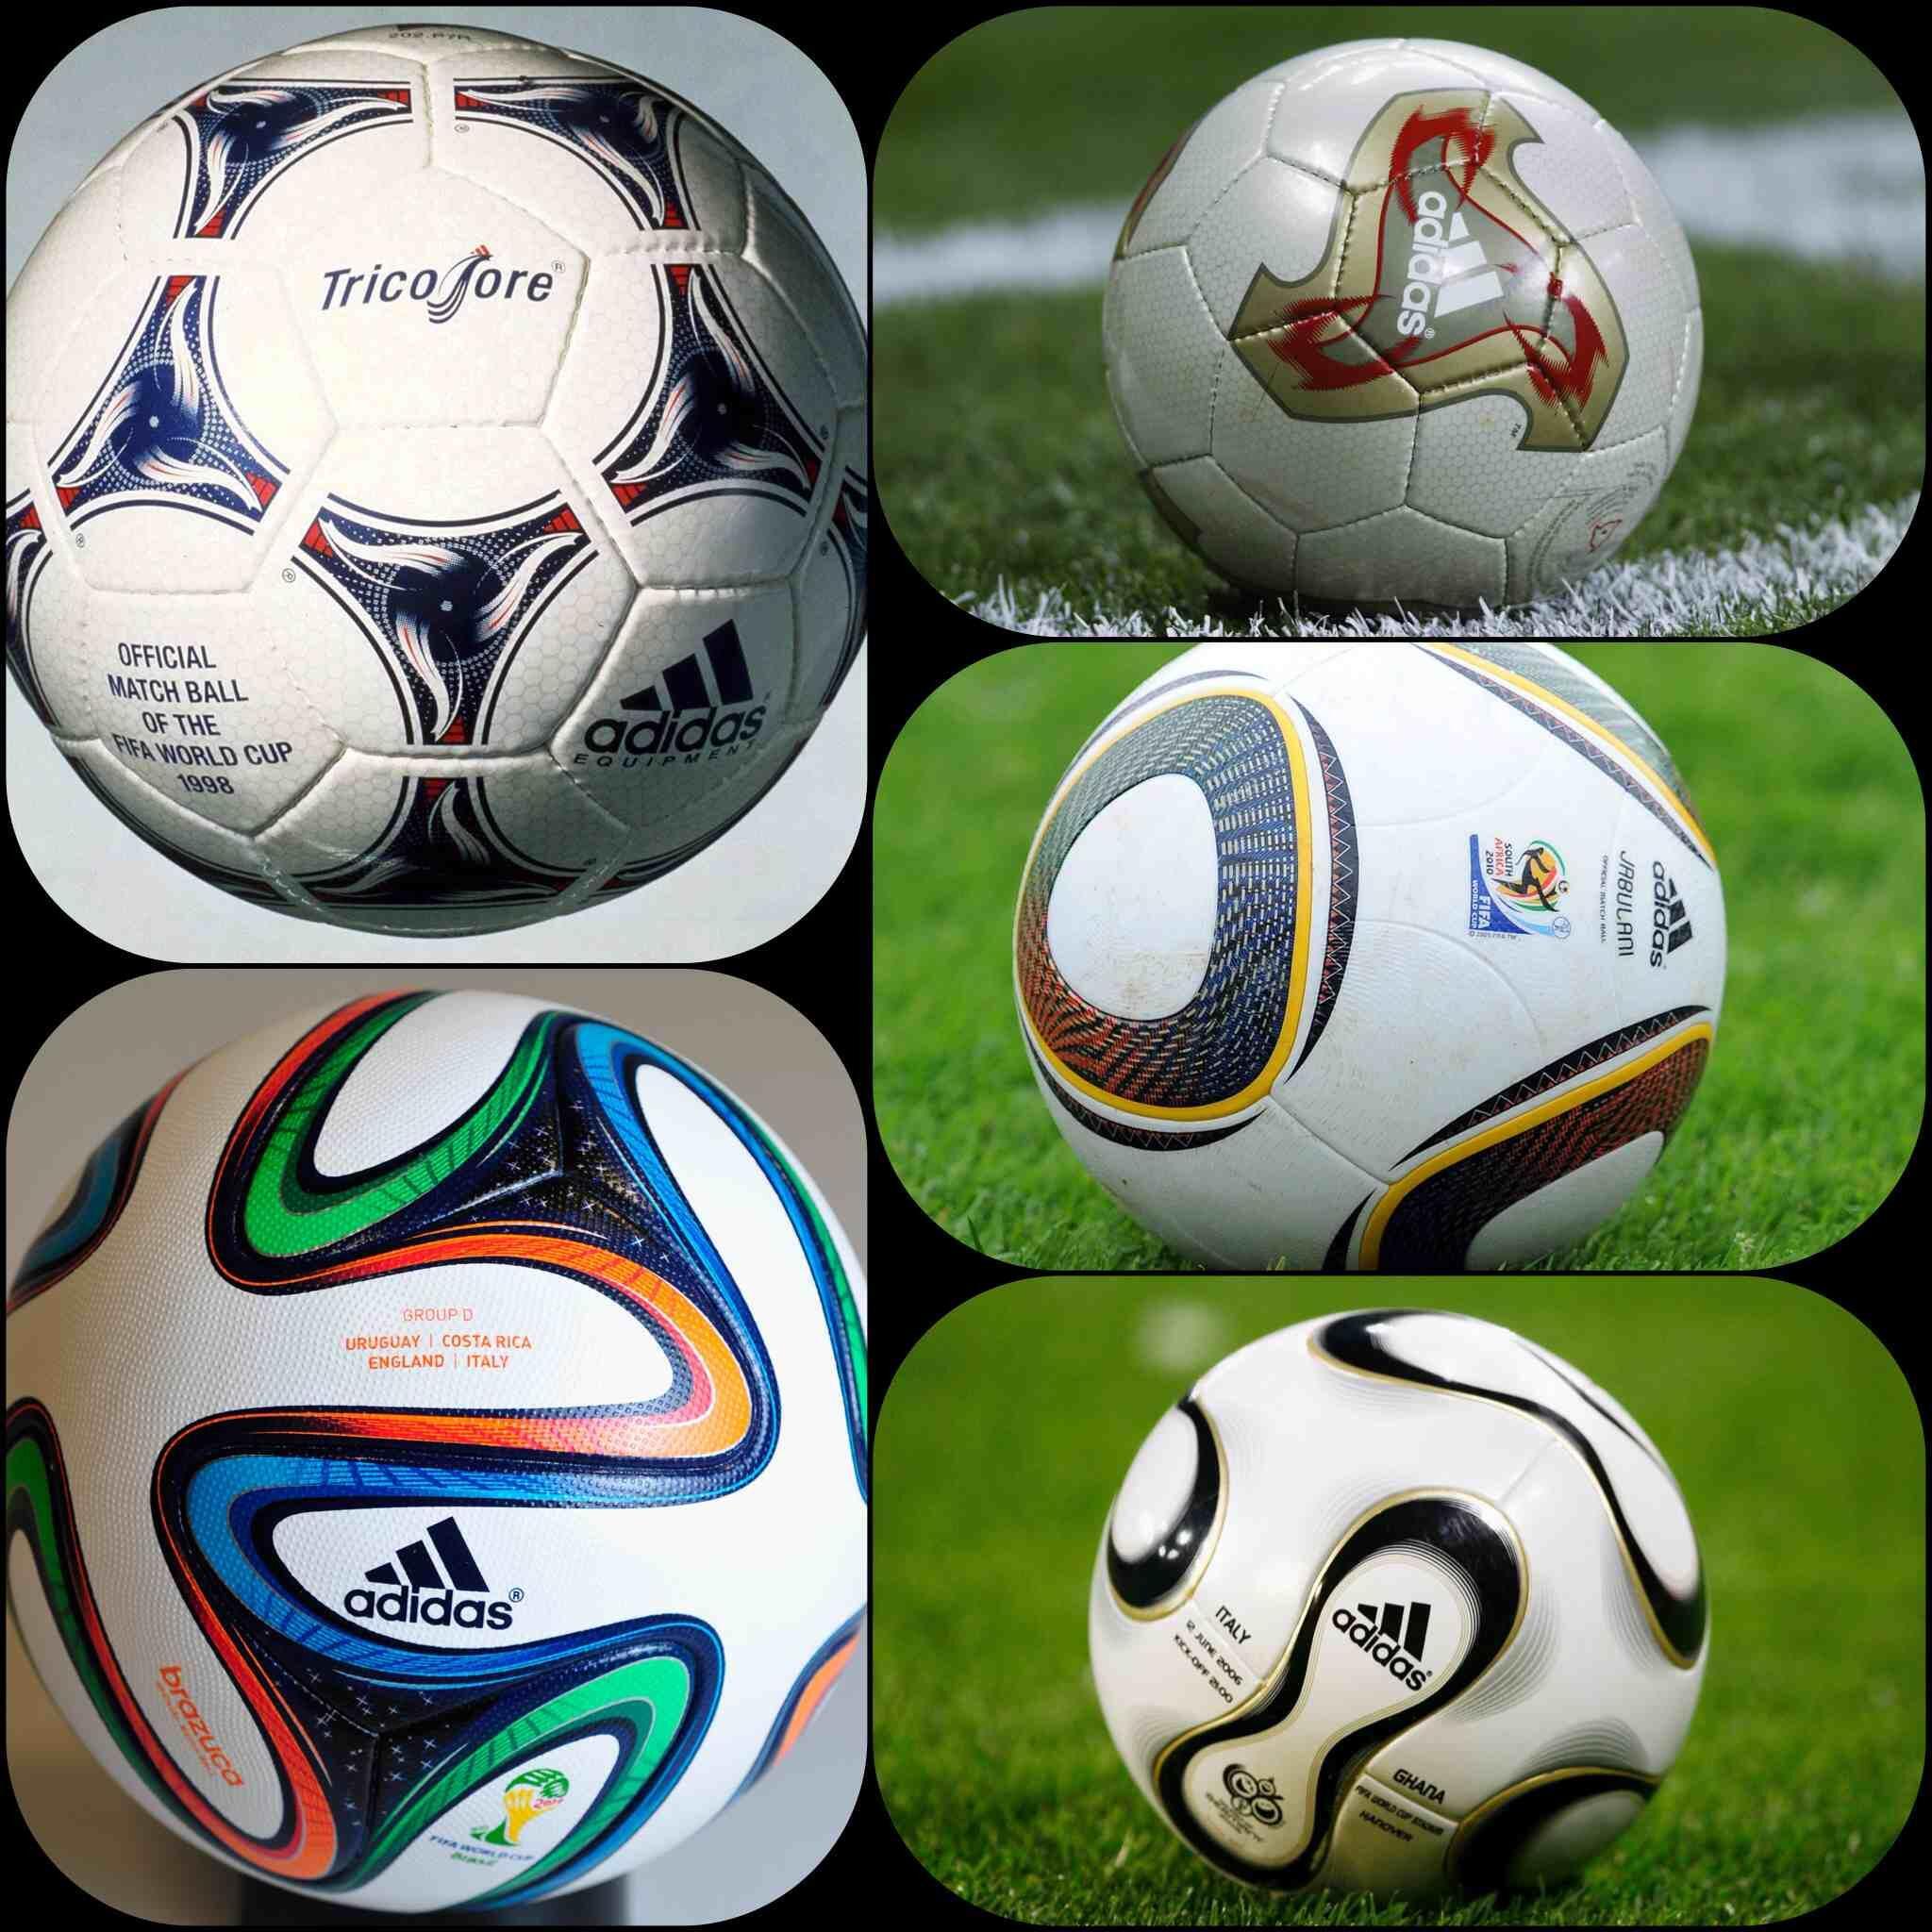 #FIFAEnigma   ¿Acertaron? El balón oficial de Brasil 2014 es @brazuca, y se localiza en el ángulo inferior izquierdo. http://t.co/xrPEODCt1r